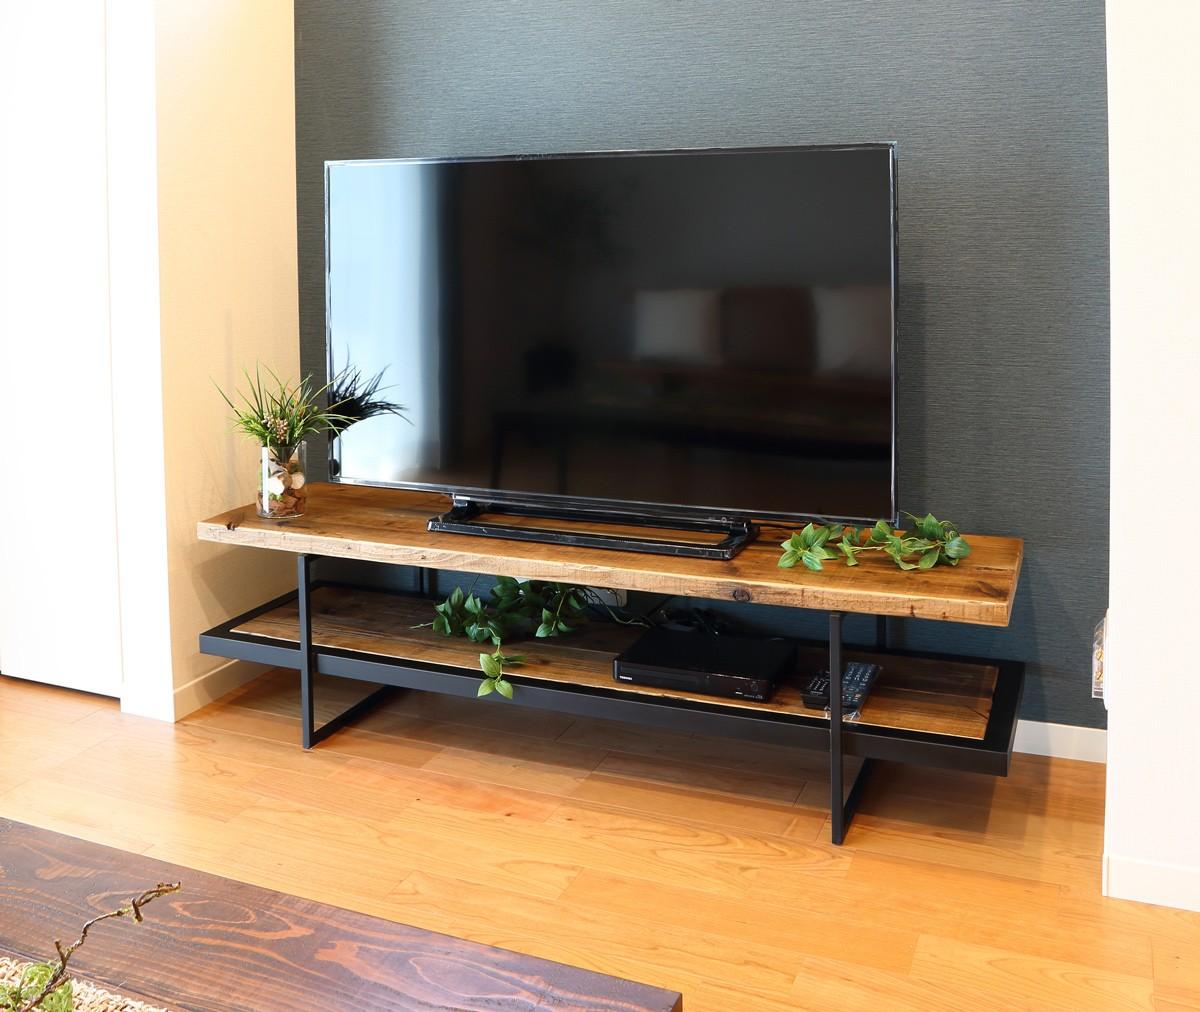 新築リビングの見せ所大型テレビも十分のせられる古材家具